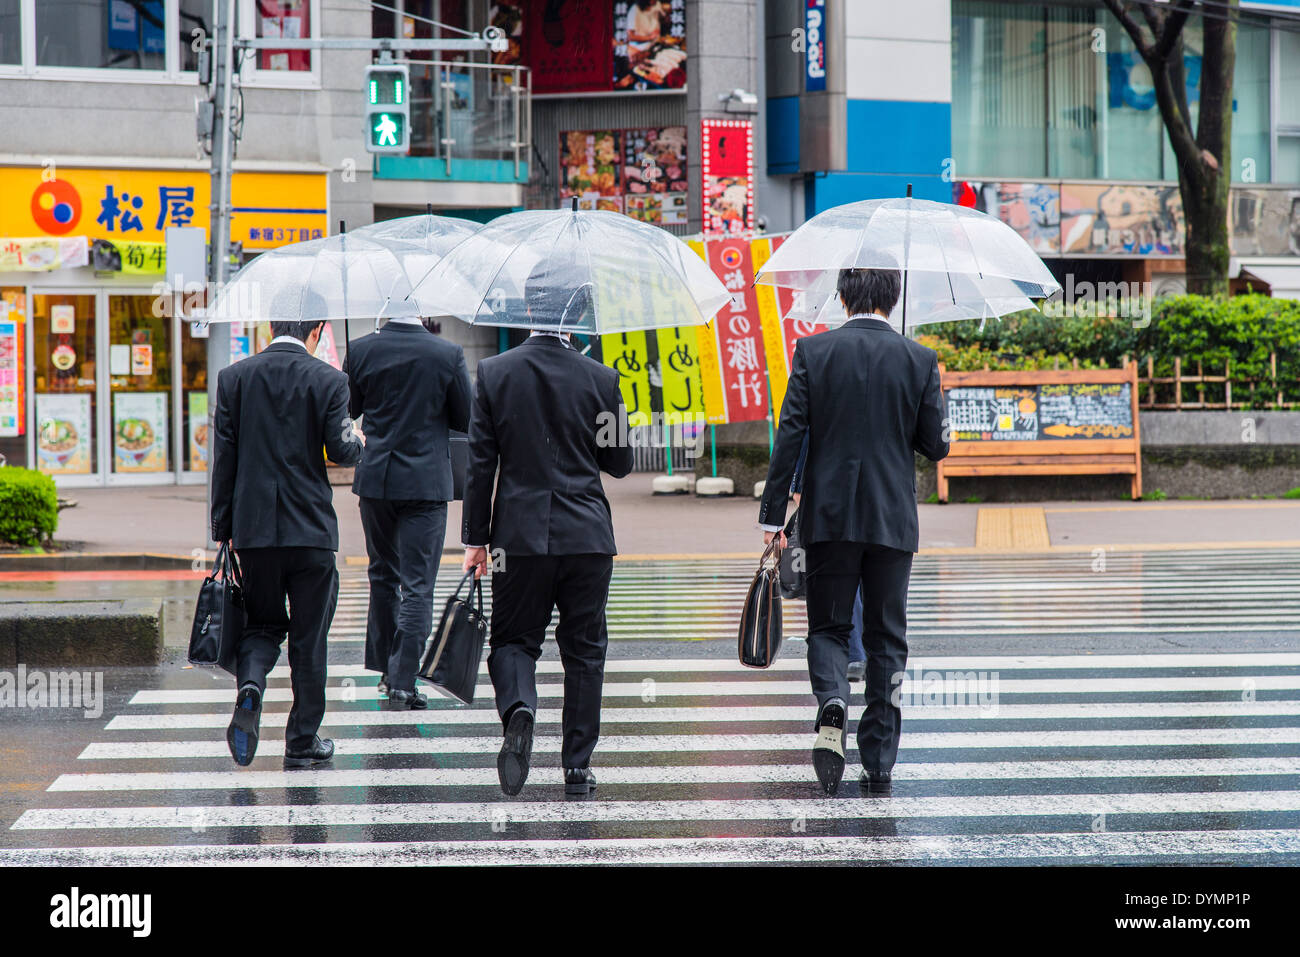 Erwachsene männliche japanische Arbeitnehmer gut gekleidet mit Sonnenschirmen, überqueren die Straße, Shinjuku, Tokyo, Japan Stockbild